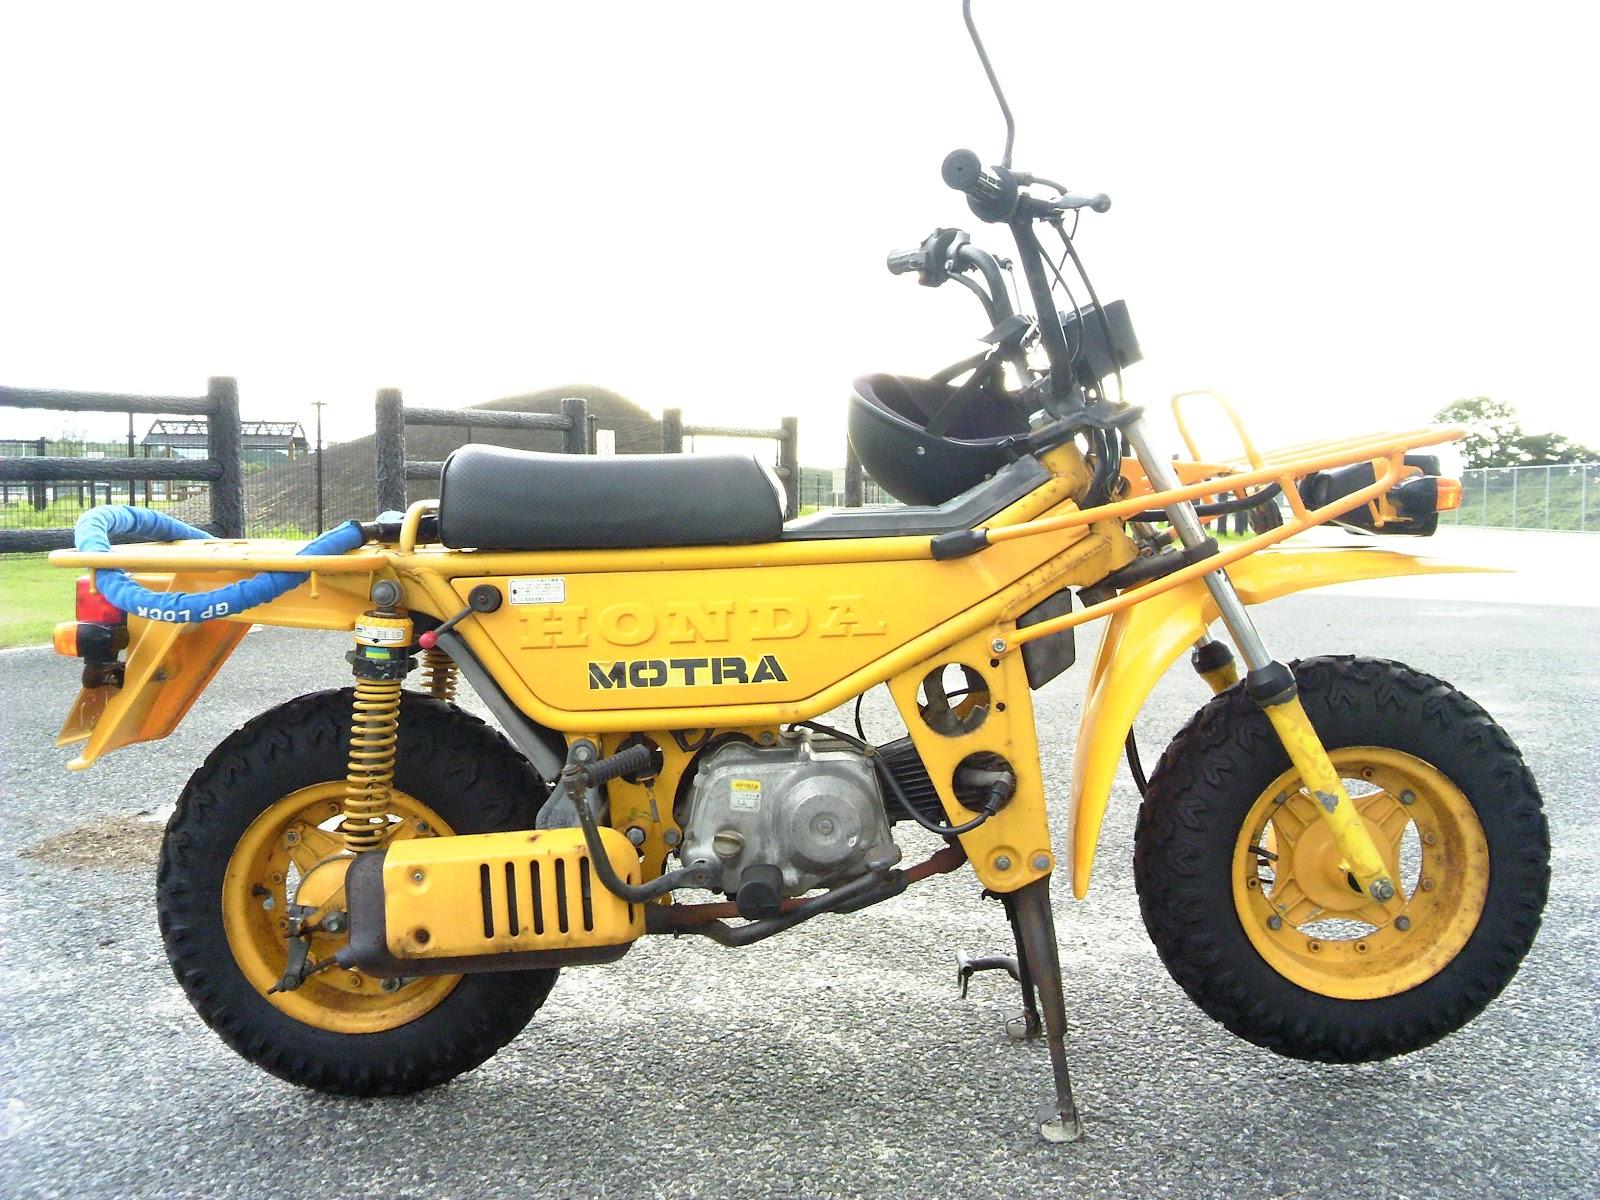 ホンダ・モトラ - Honda CT50 Motra